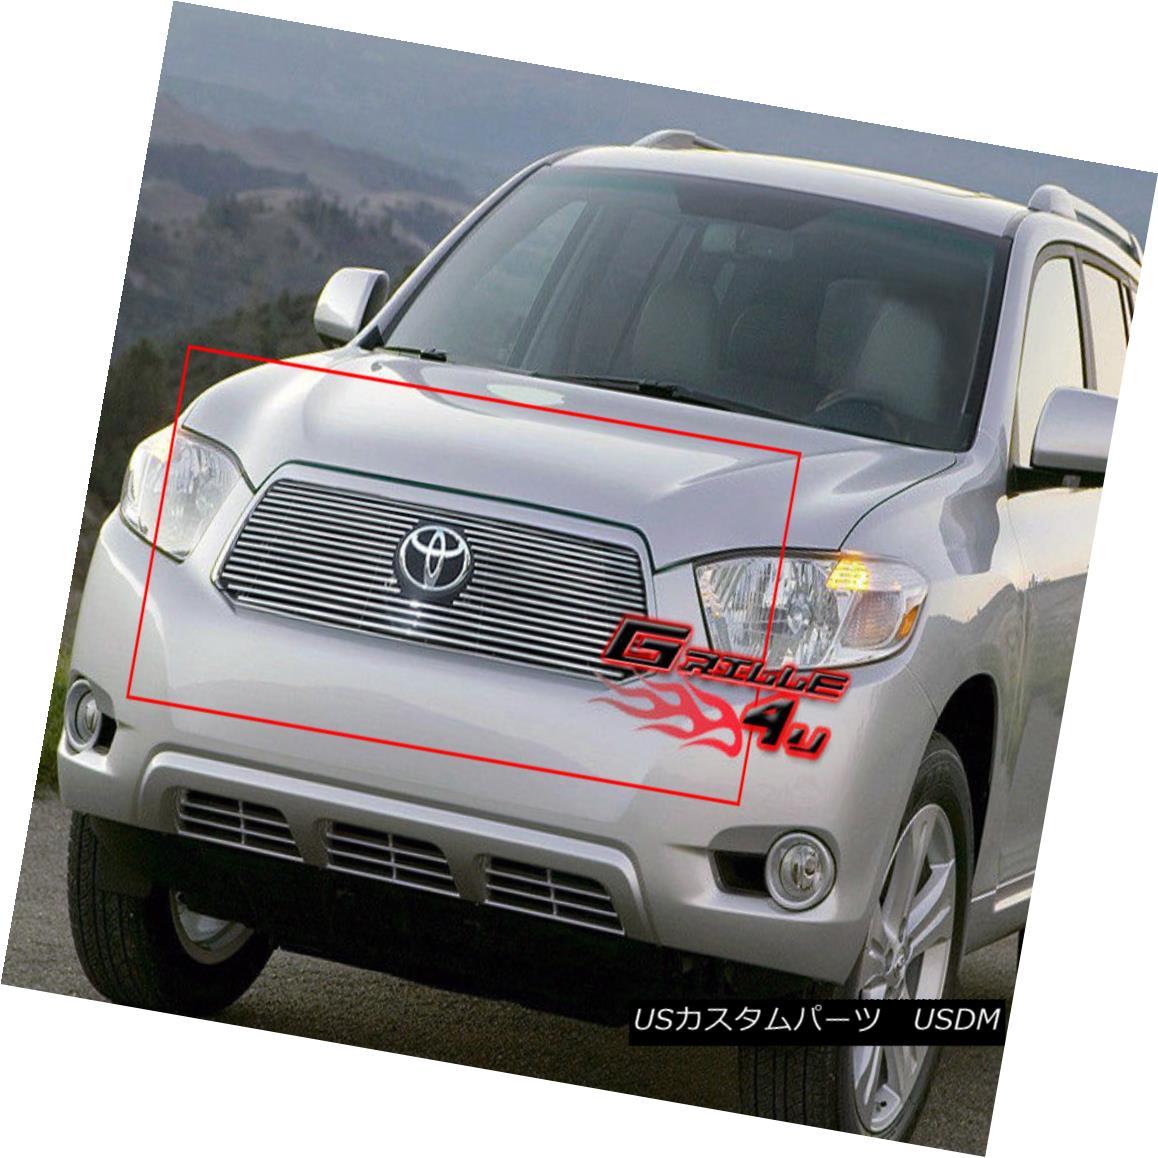 グリル Fits 08-10 Toyota Highlander Hybrid Main Upper Billet Grille Insert フィット08-10トヨタハイランダーハイブリッドメインアッパービレットグリルインサート